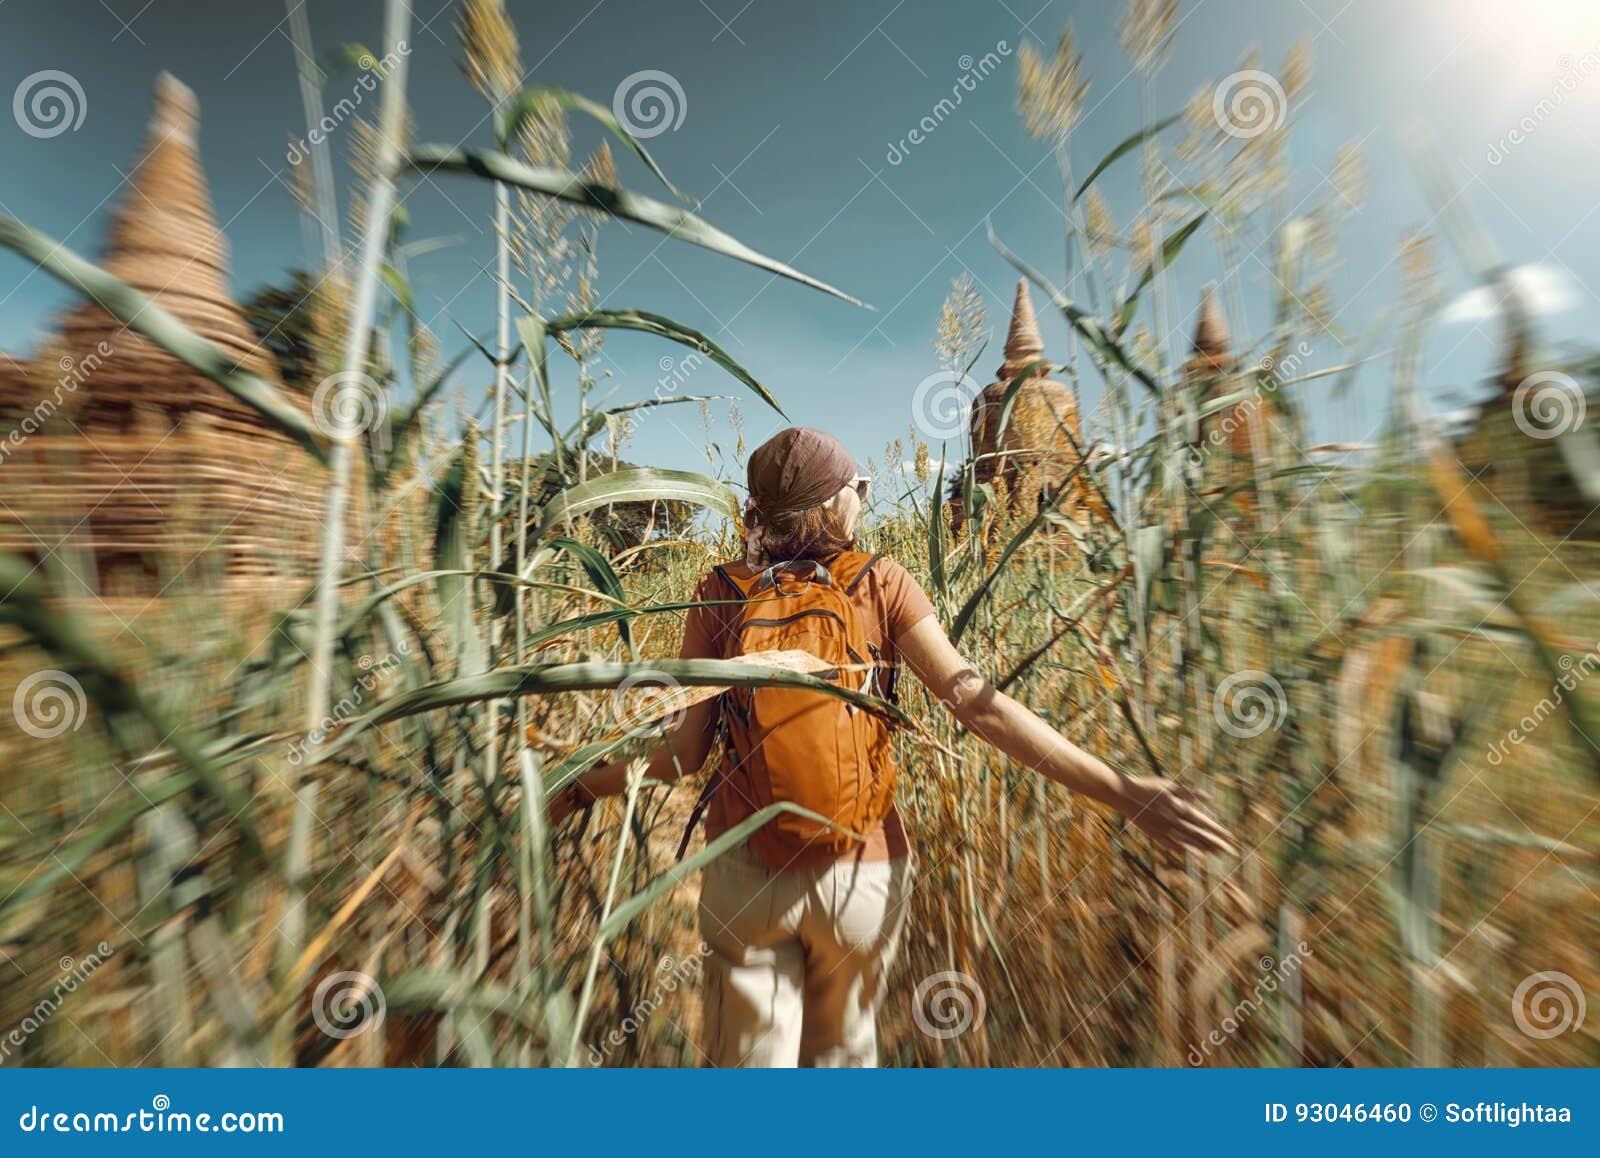 Frauenreisender mit einem Rucksacklauf durch Feld zum alten stup